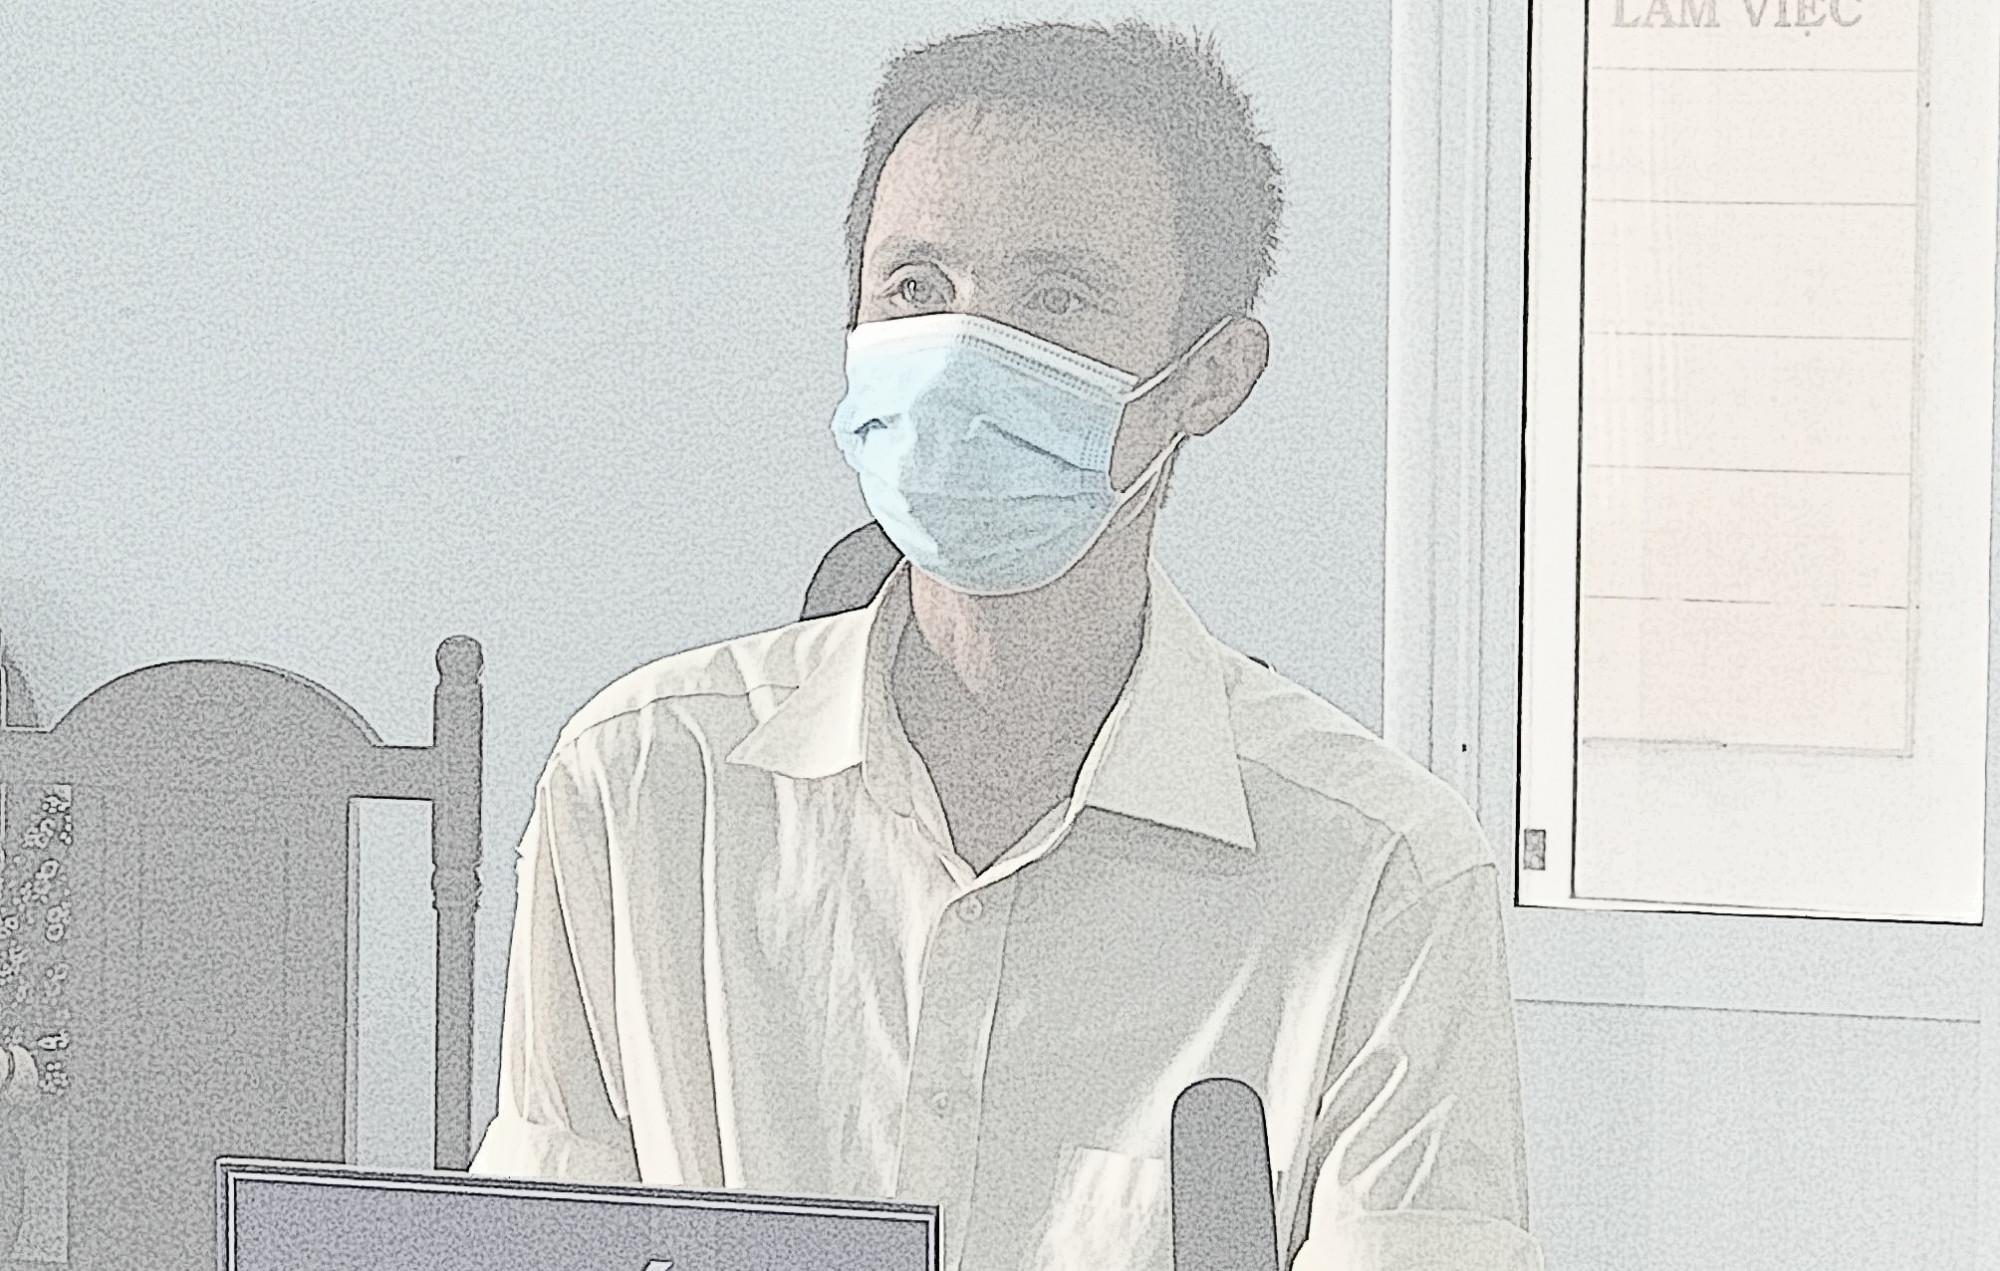 Bị cáo Trần Văn Hùng tại phiên tòa